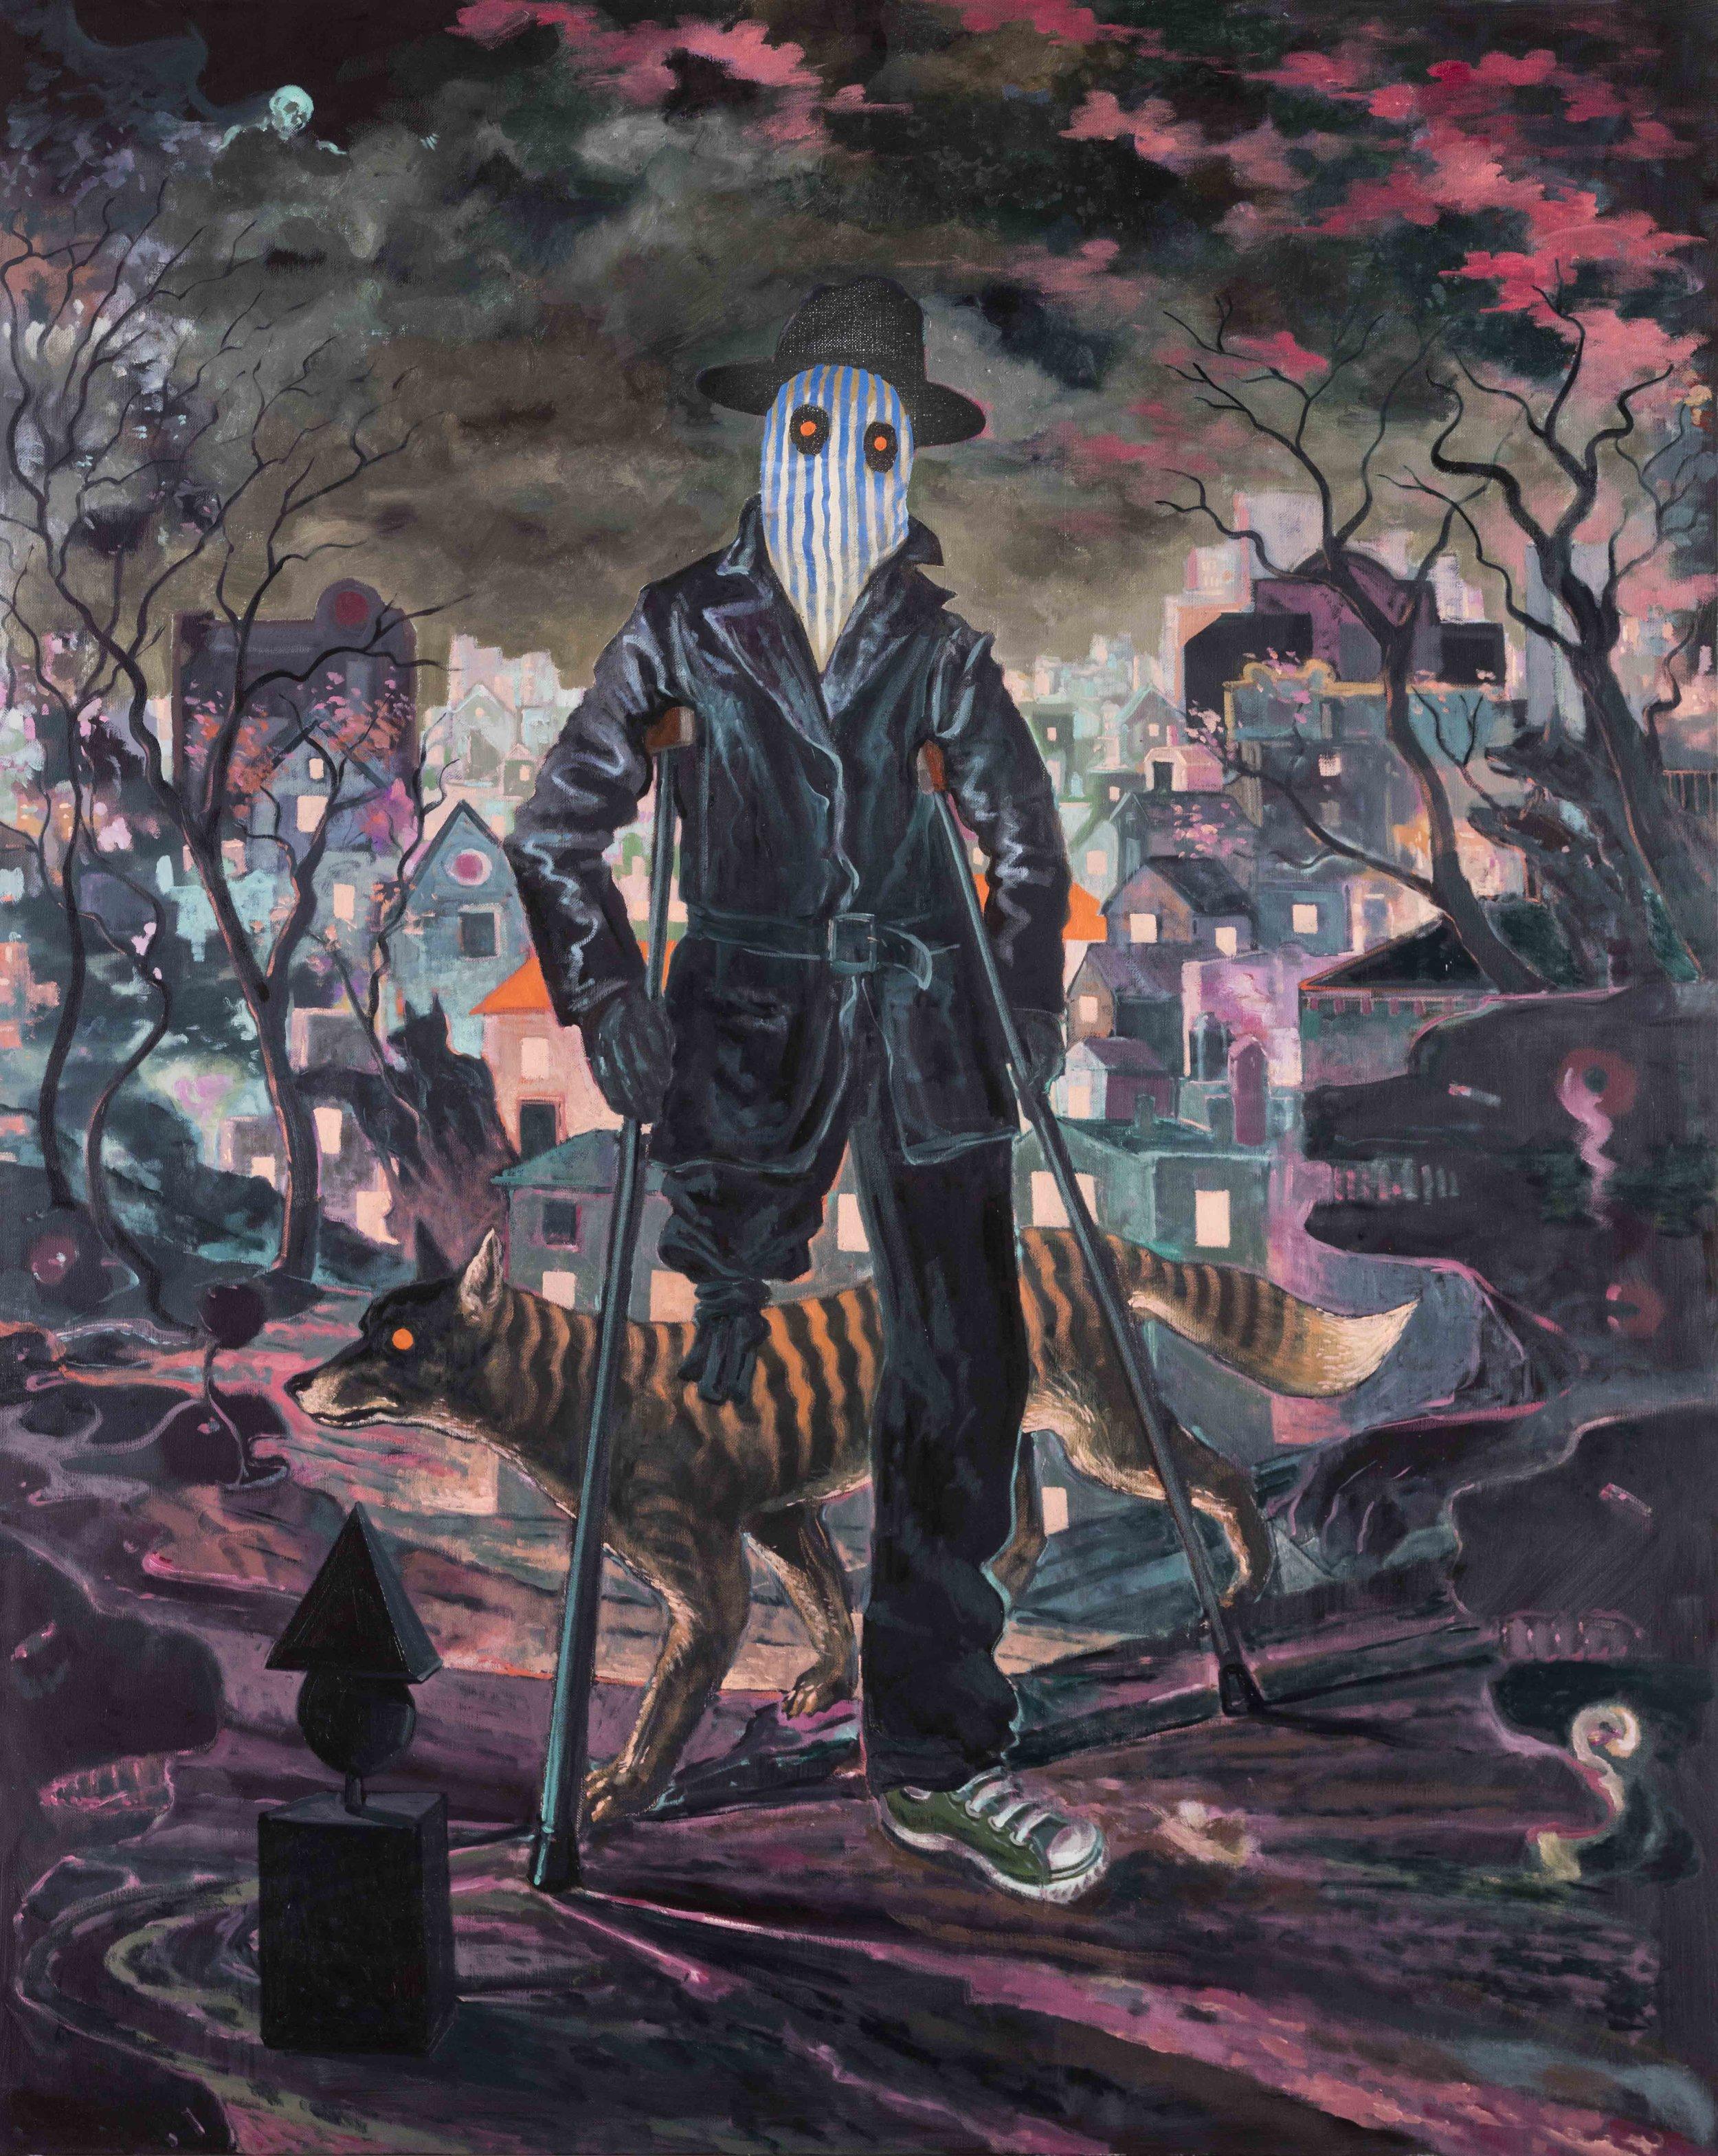 Michael Vale,  The Drifter's Escape,  2016, Oil on linen, 152 x 122 cm